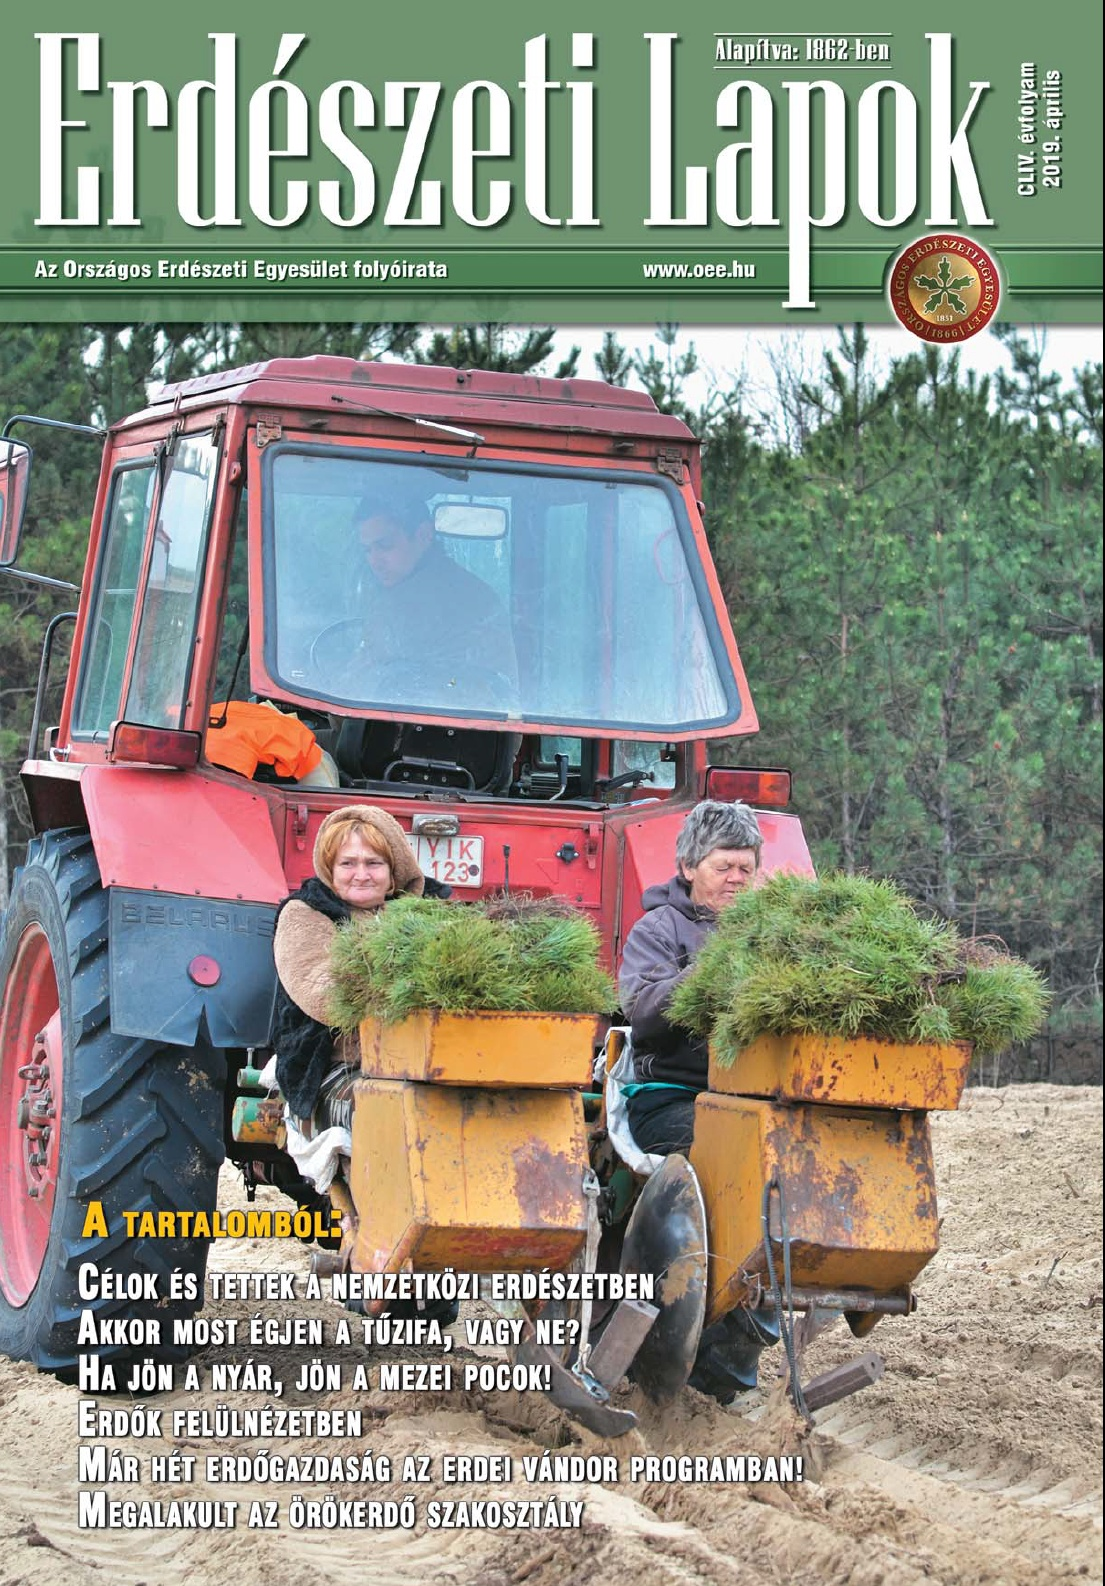 Erdészeti Lapok - 154. évfolyam - 2019. április